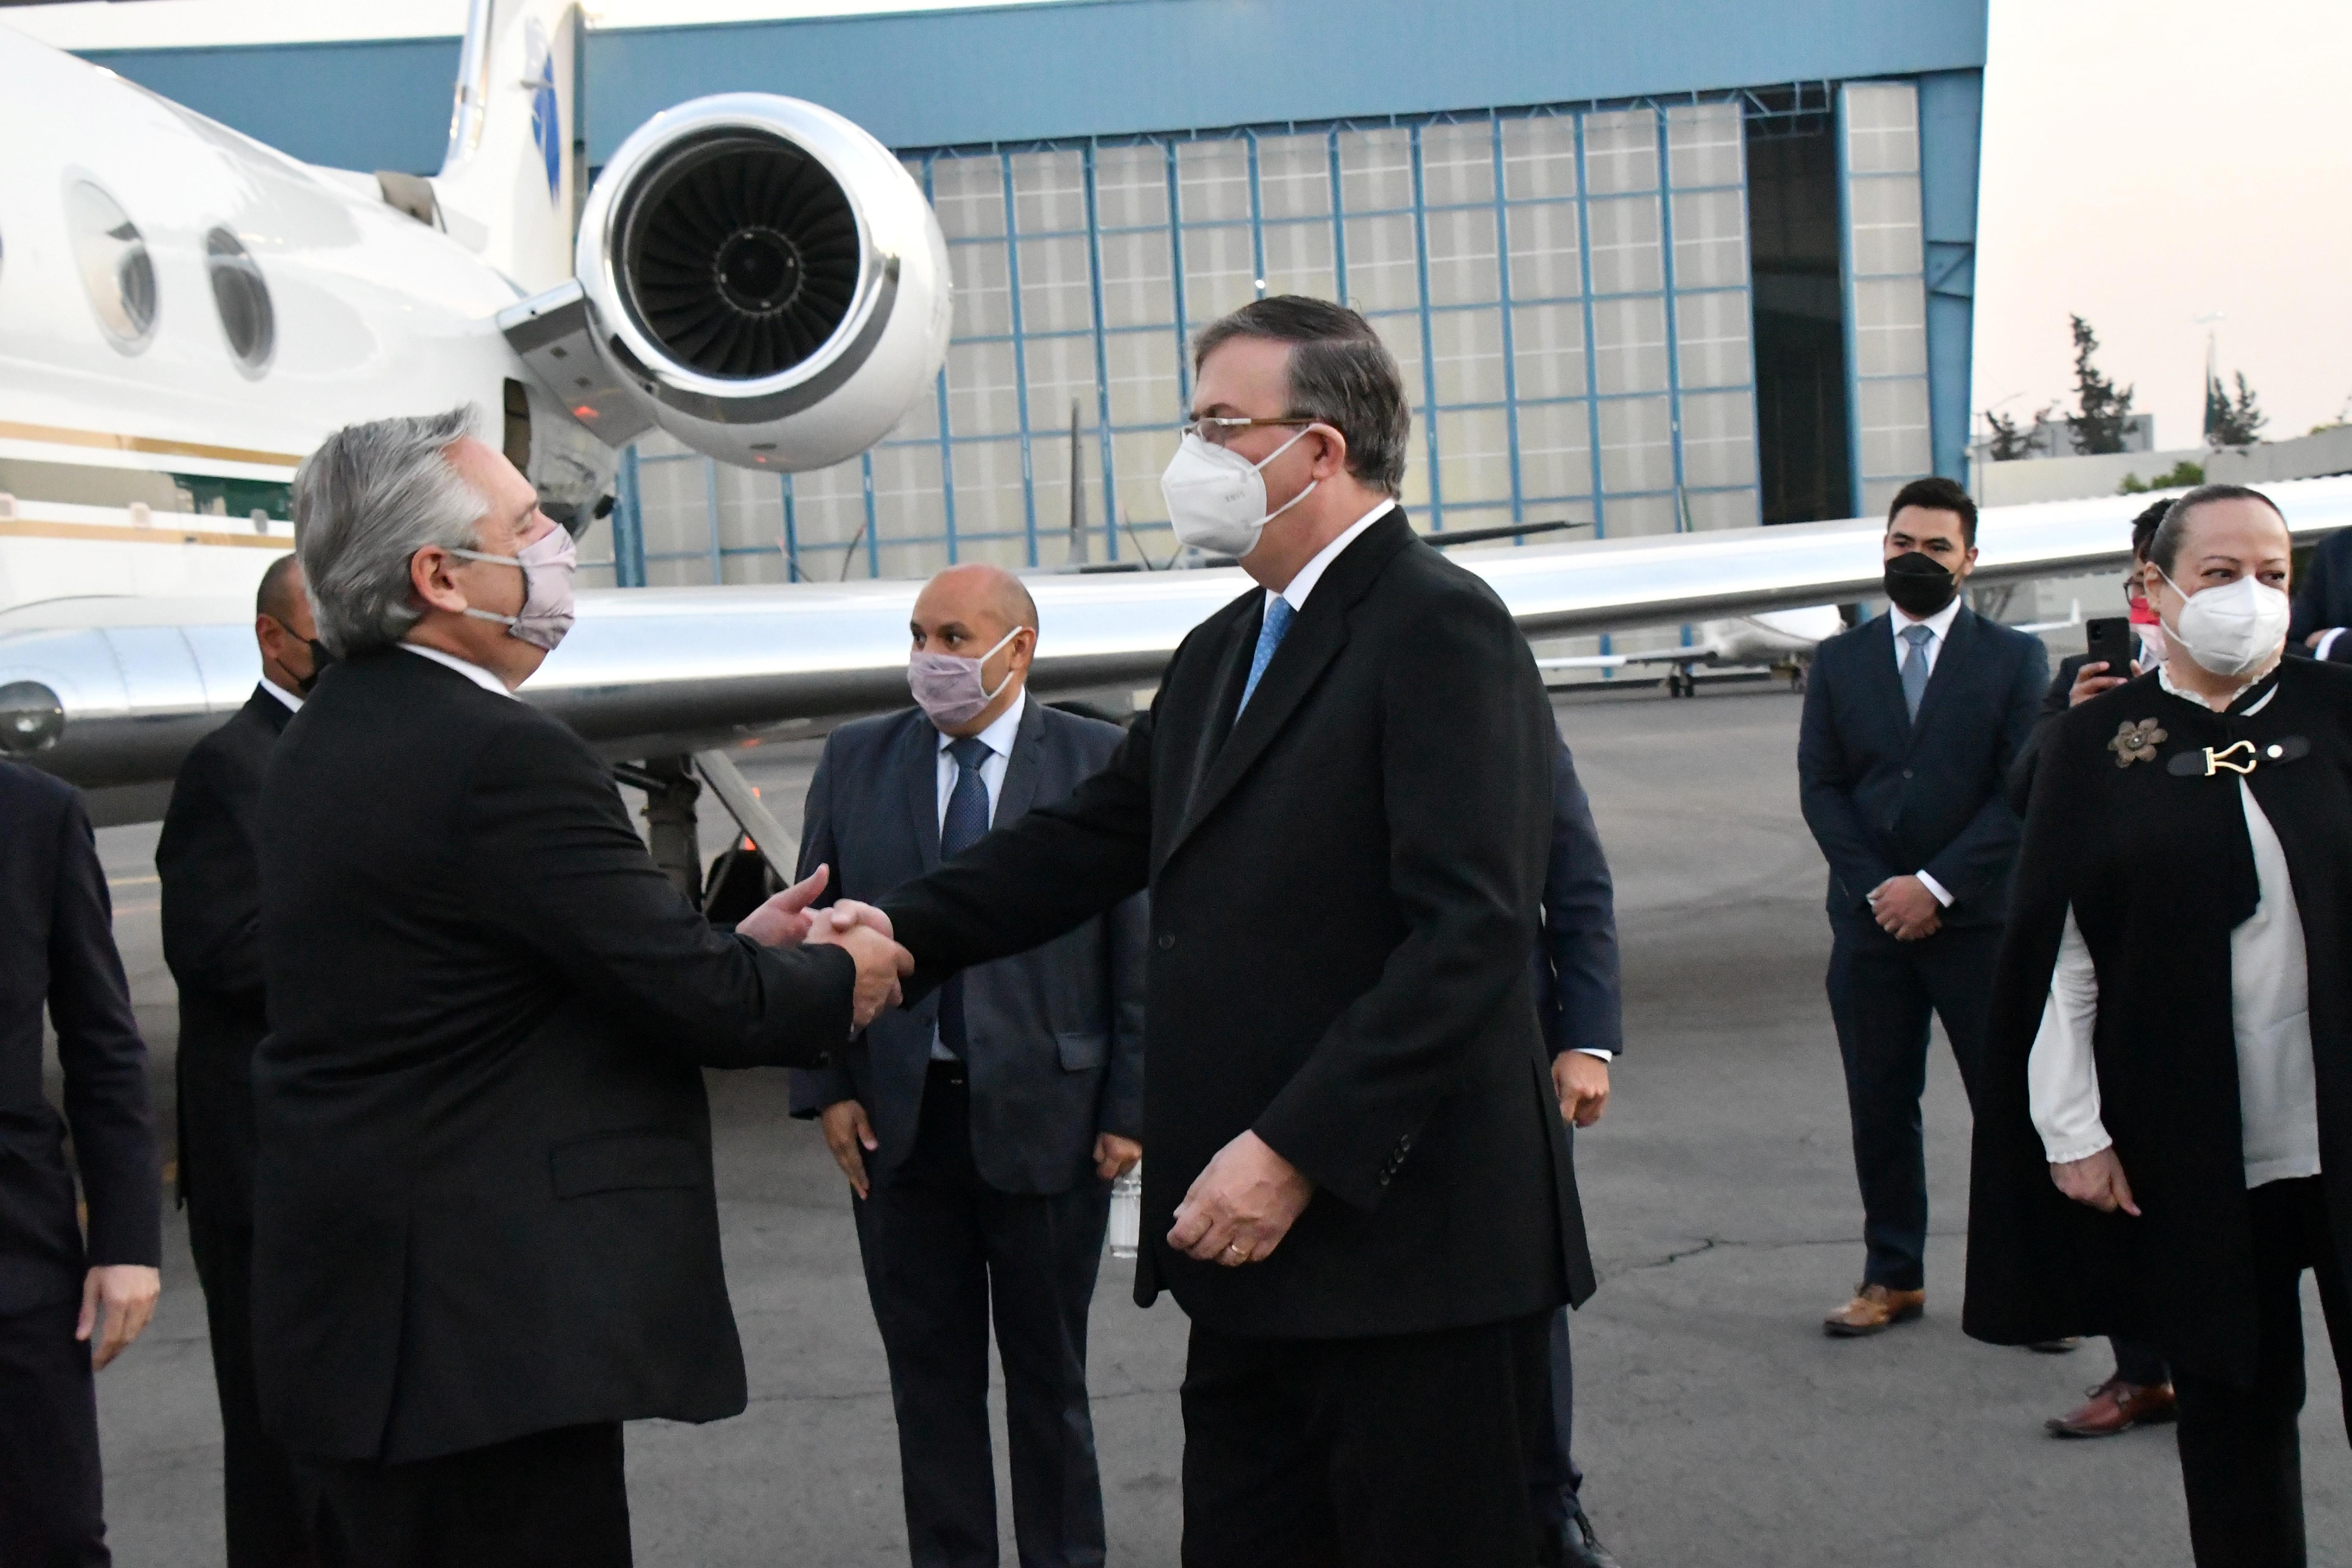 El presidente de Argentina Alberto Fernández y el secretario de Relaciones Exteriores de México, Marcelo Ebrard.